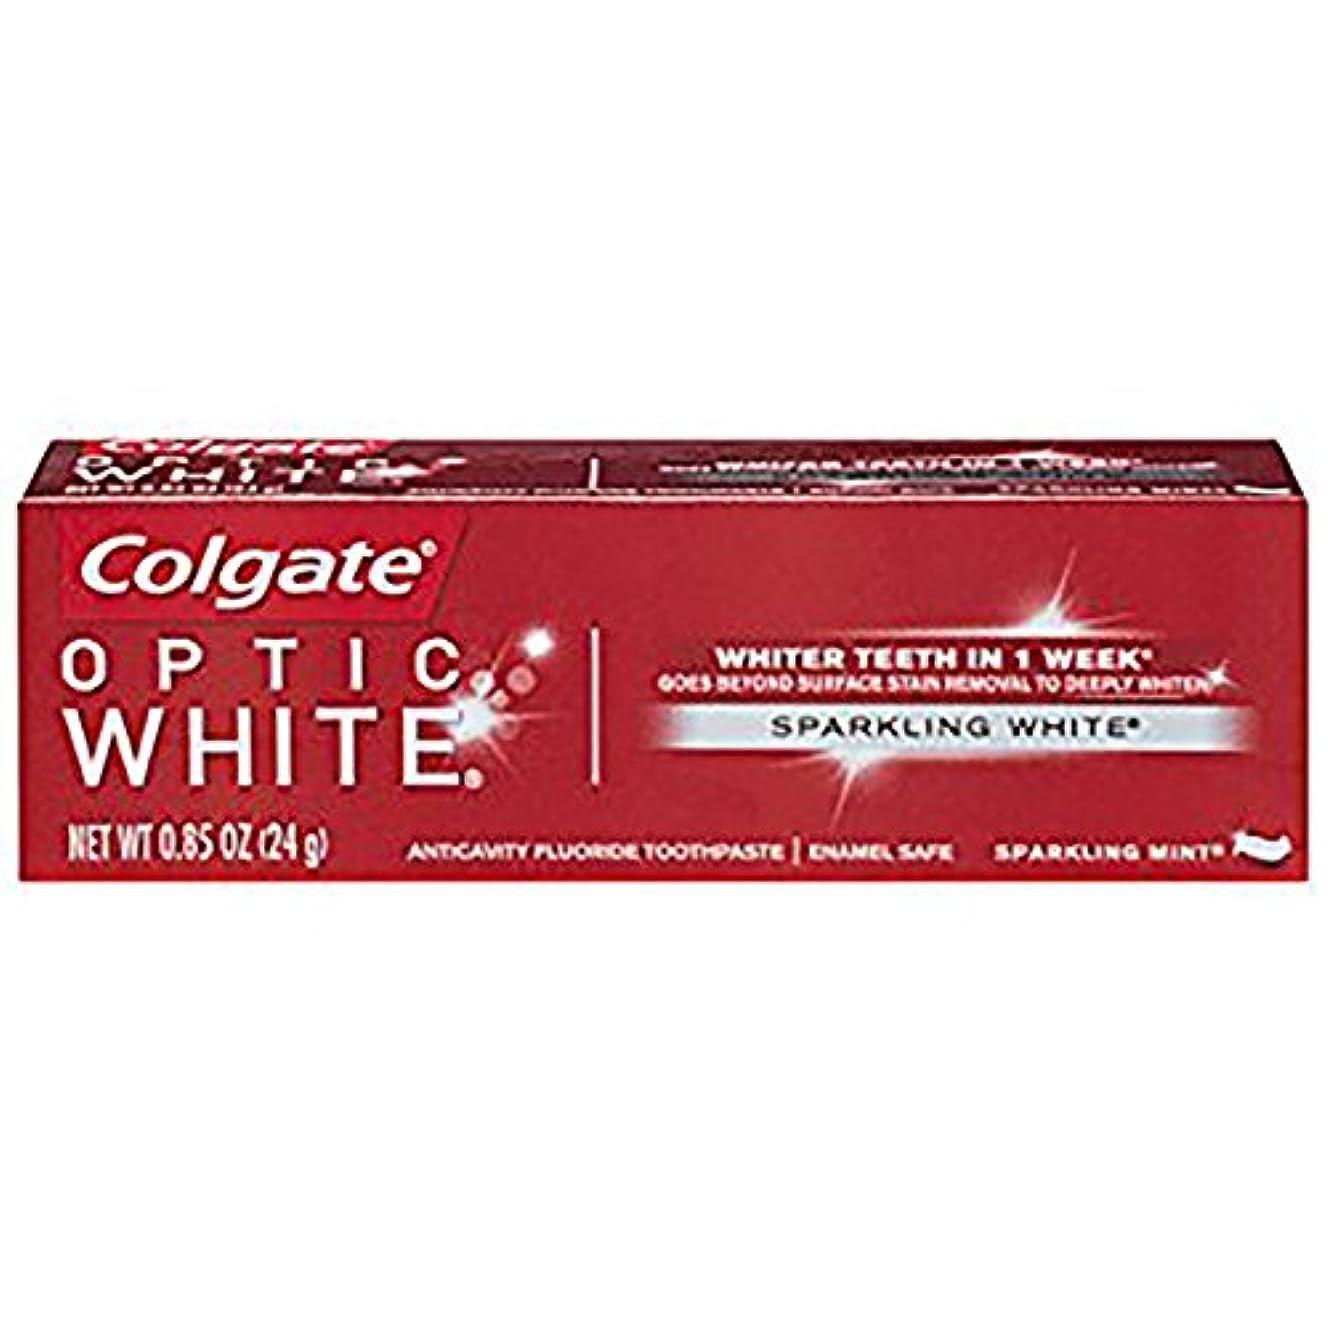 カップいろいろ怠なコルゲート ホワイトニング Colgate 24g Optic White Sparkling White 白い歯 歯磨き粉 ミント